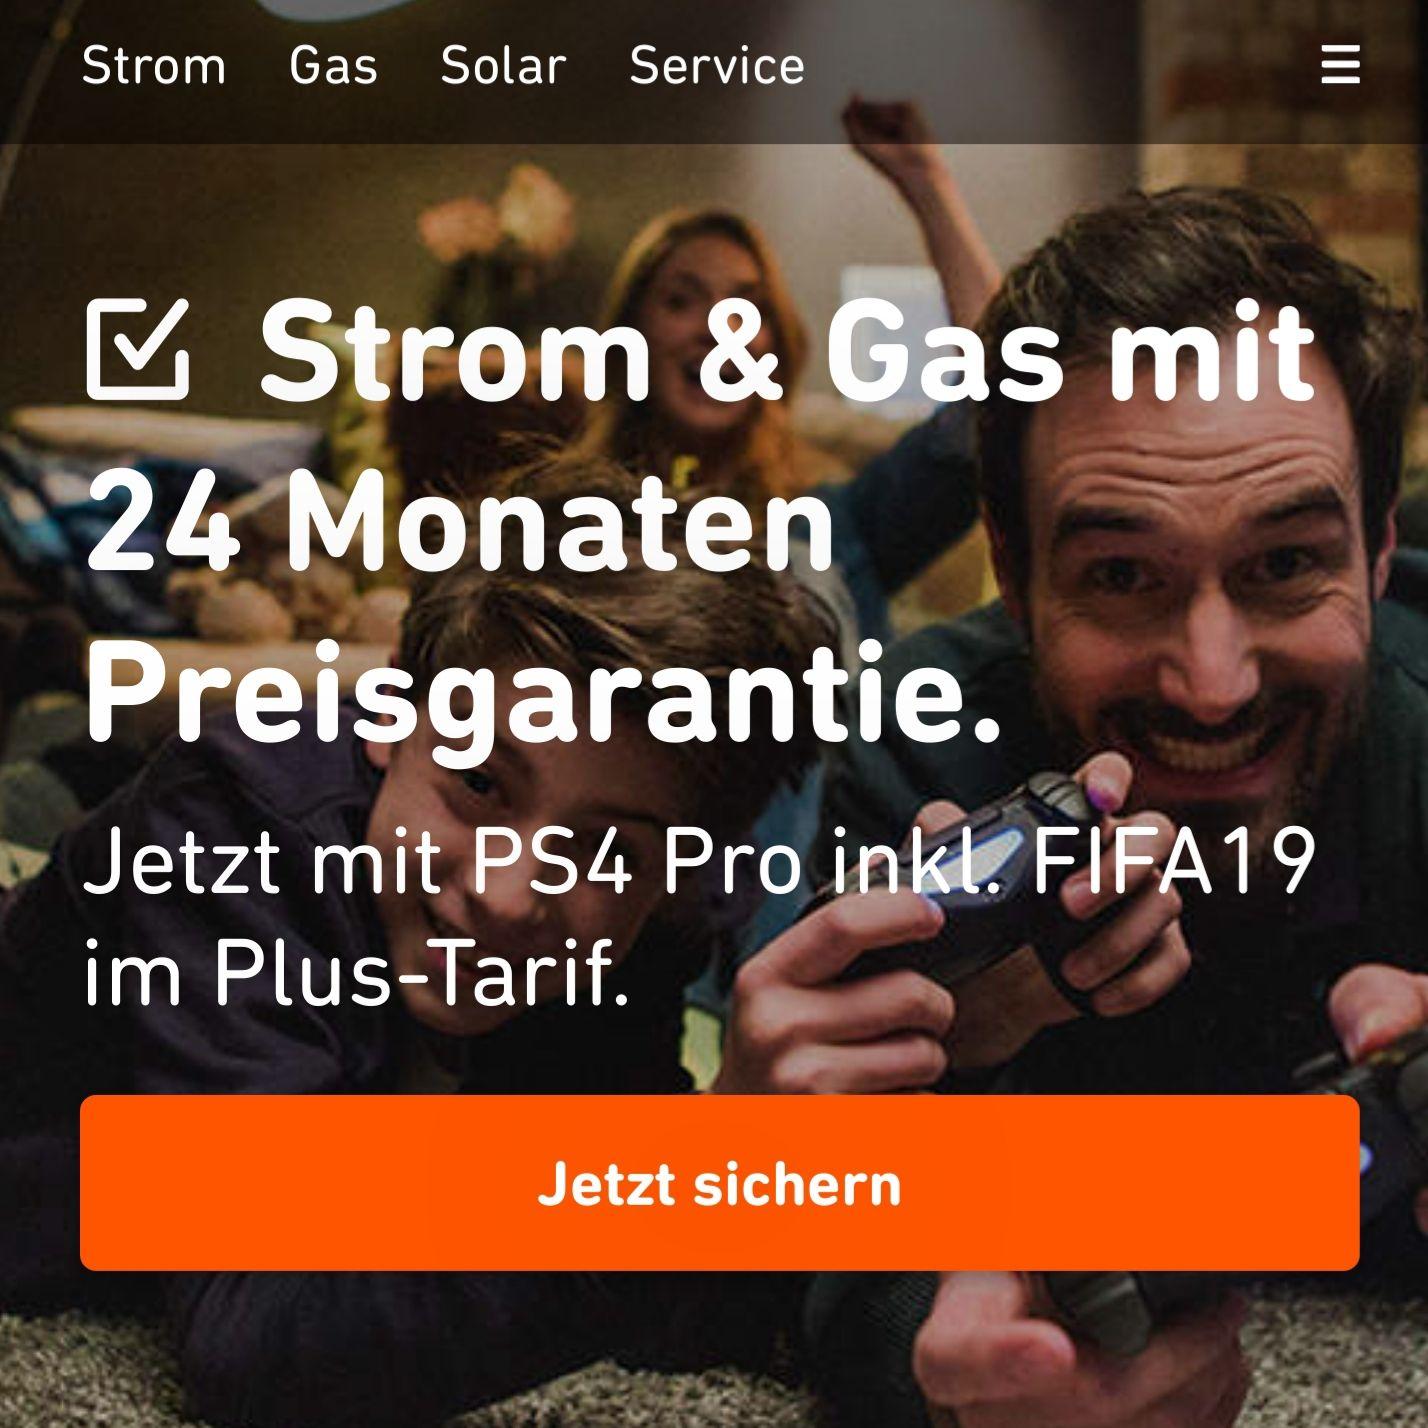 [Yello.de] PS4 Pro 1 TB für 49€ bei Strom- oder Gasanschluss